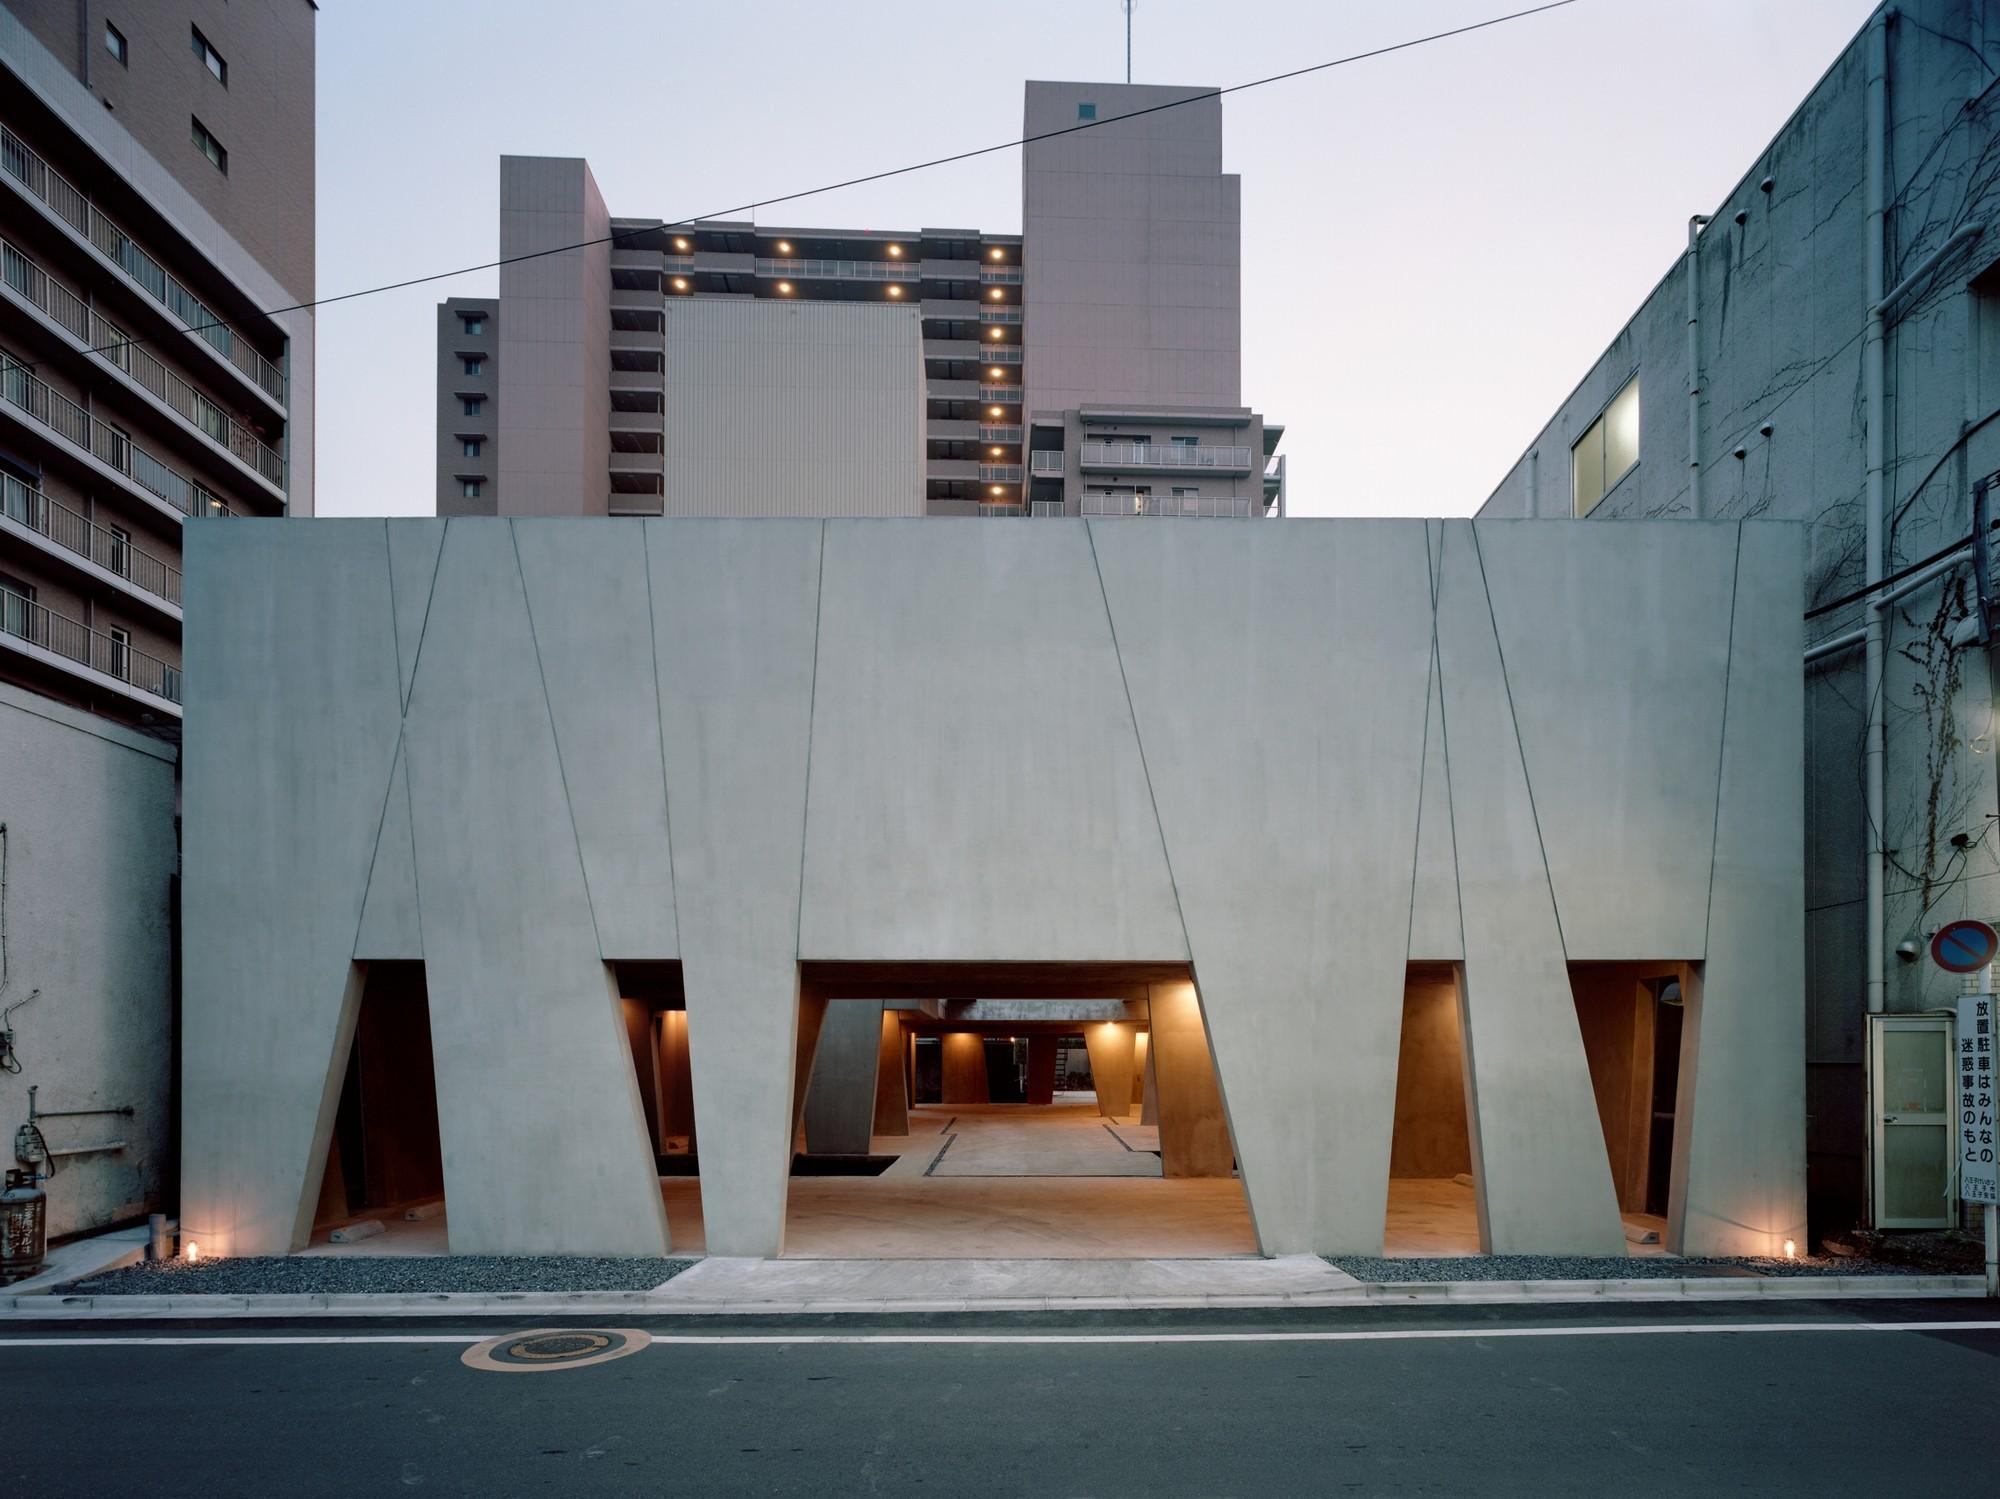 Hachioji Tree House / Airscape Architects Studio, © Kai Nakamura